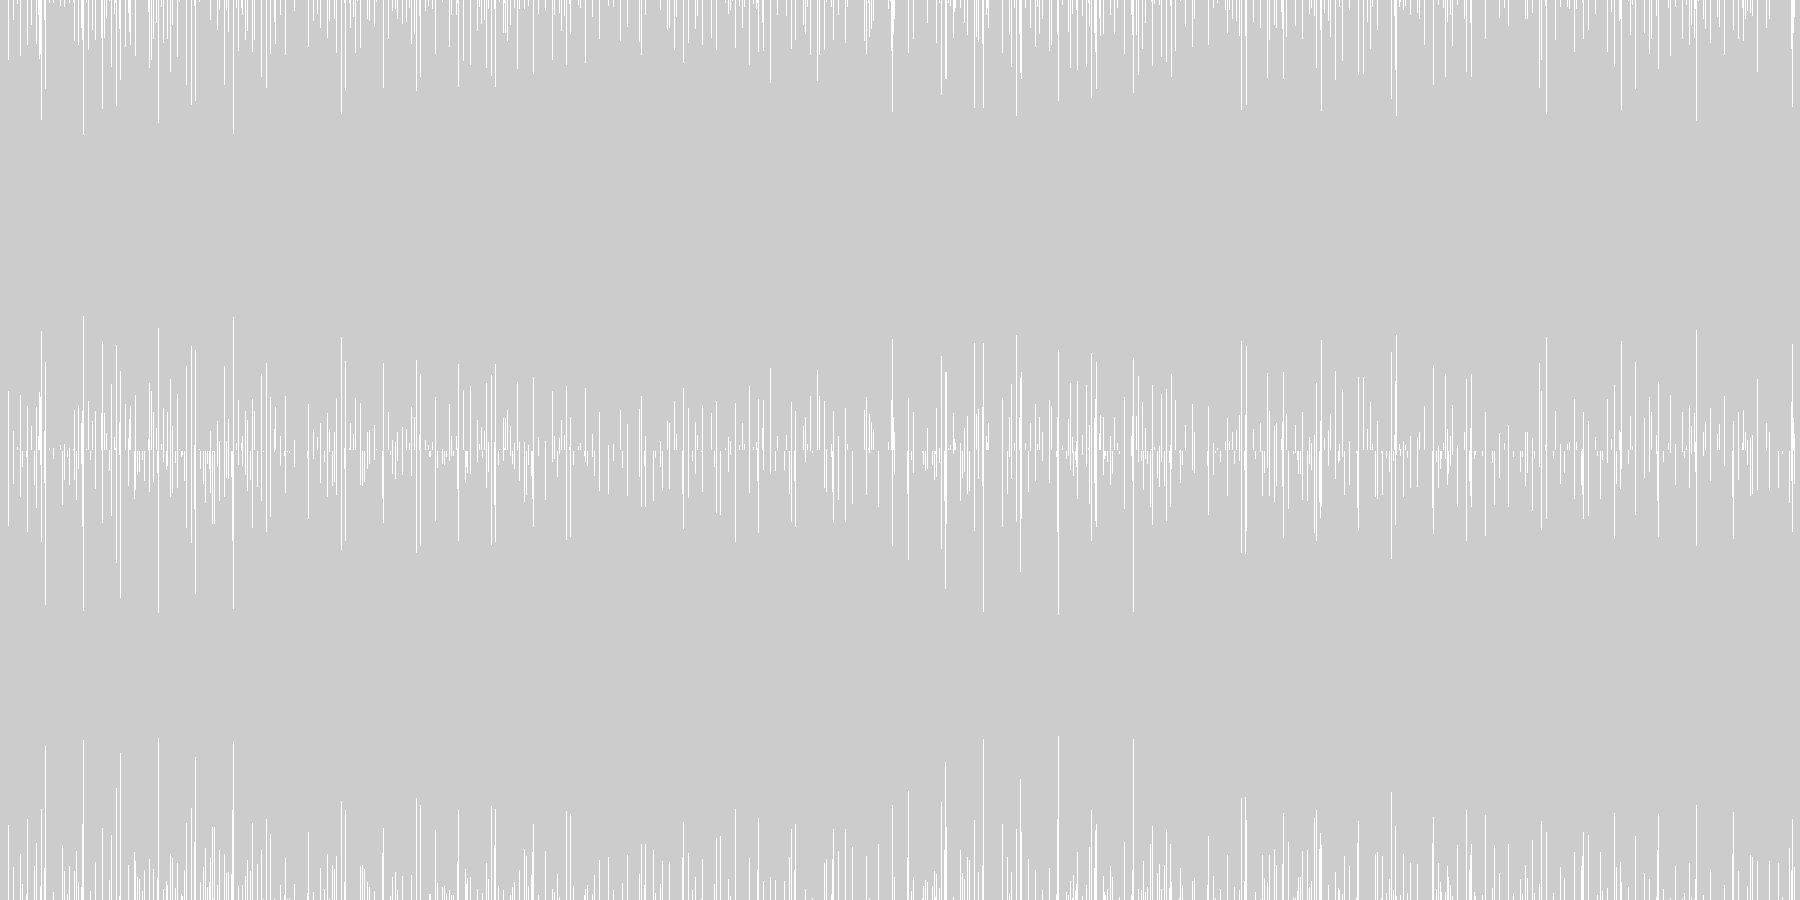 クールなシンセサイザーEDMループの未再生の波形